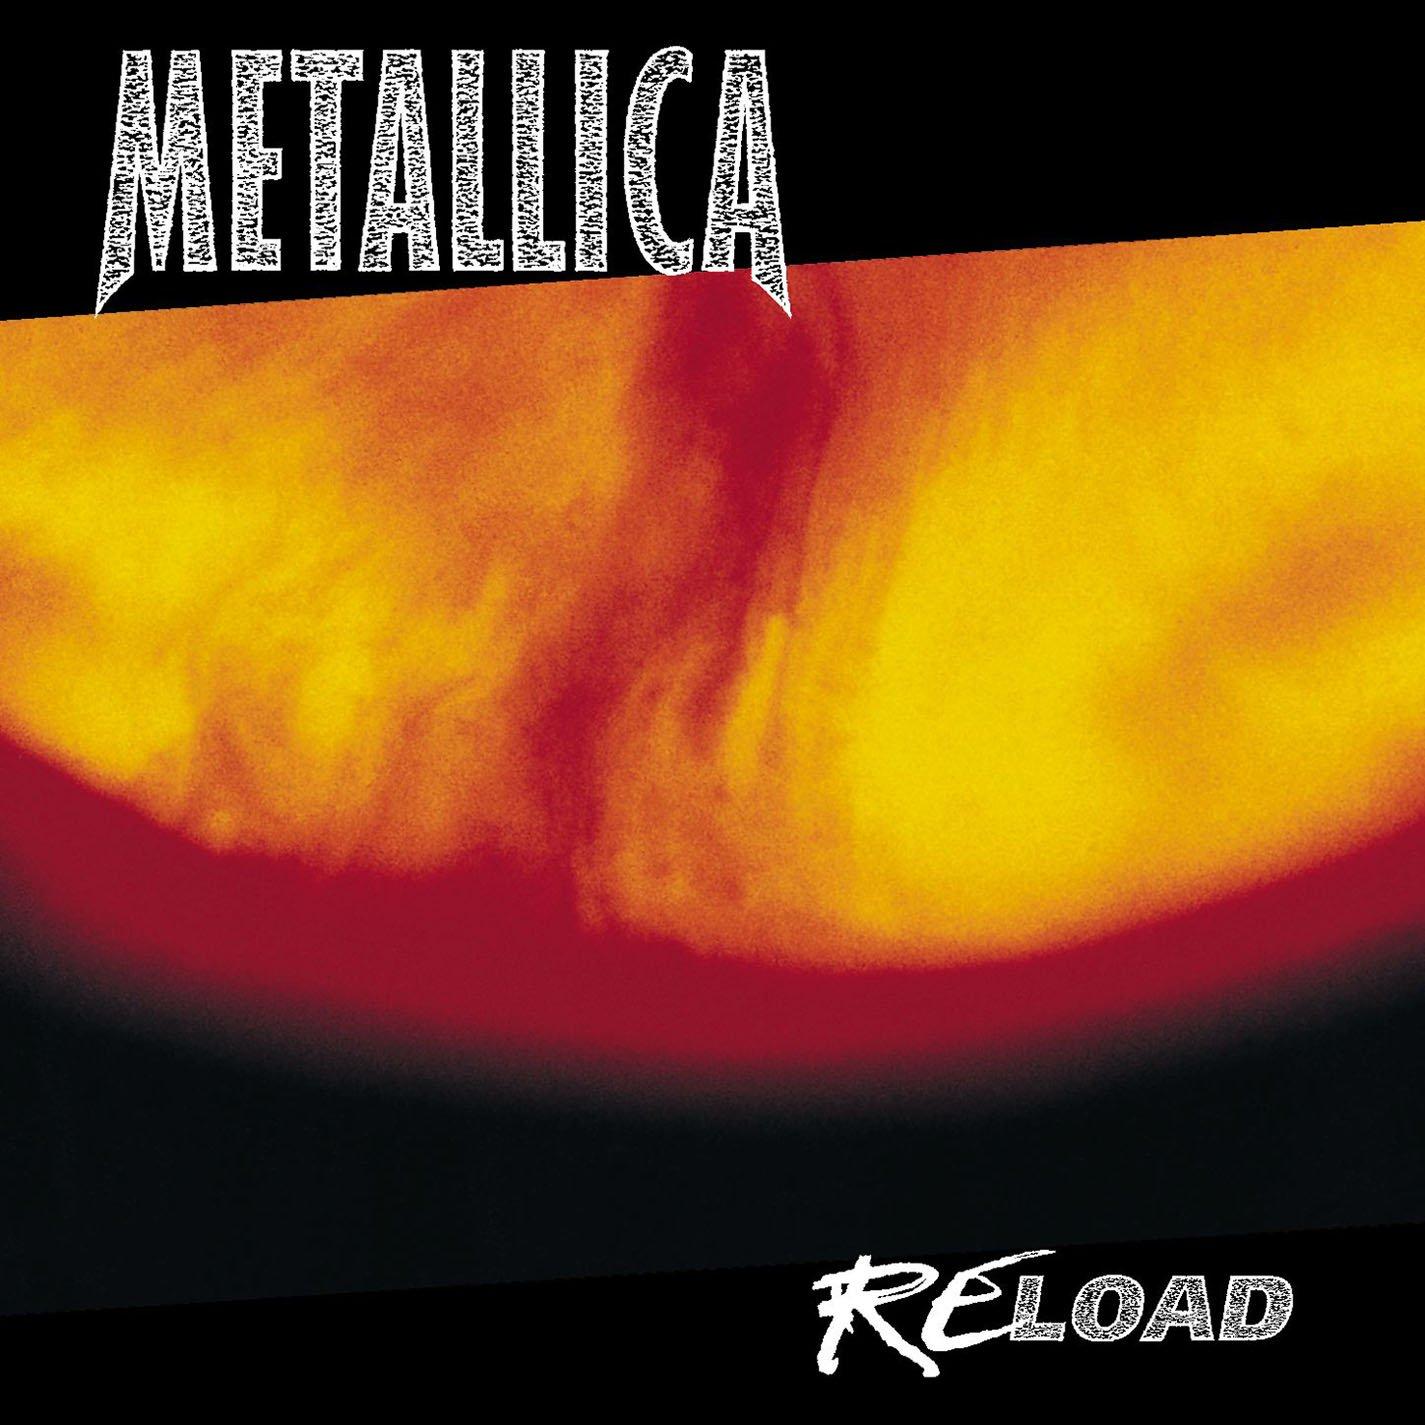 Reload (2LP)